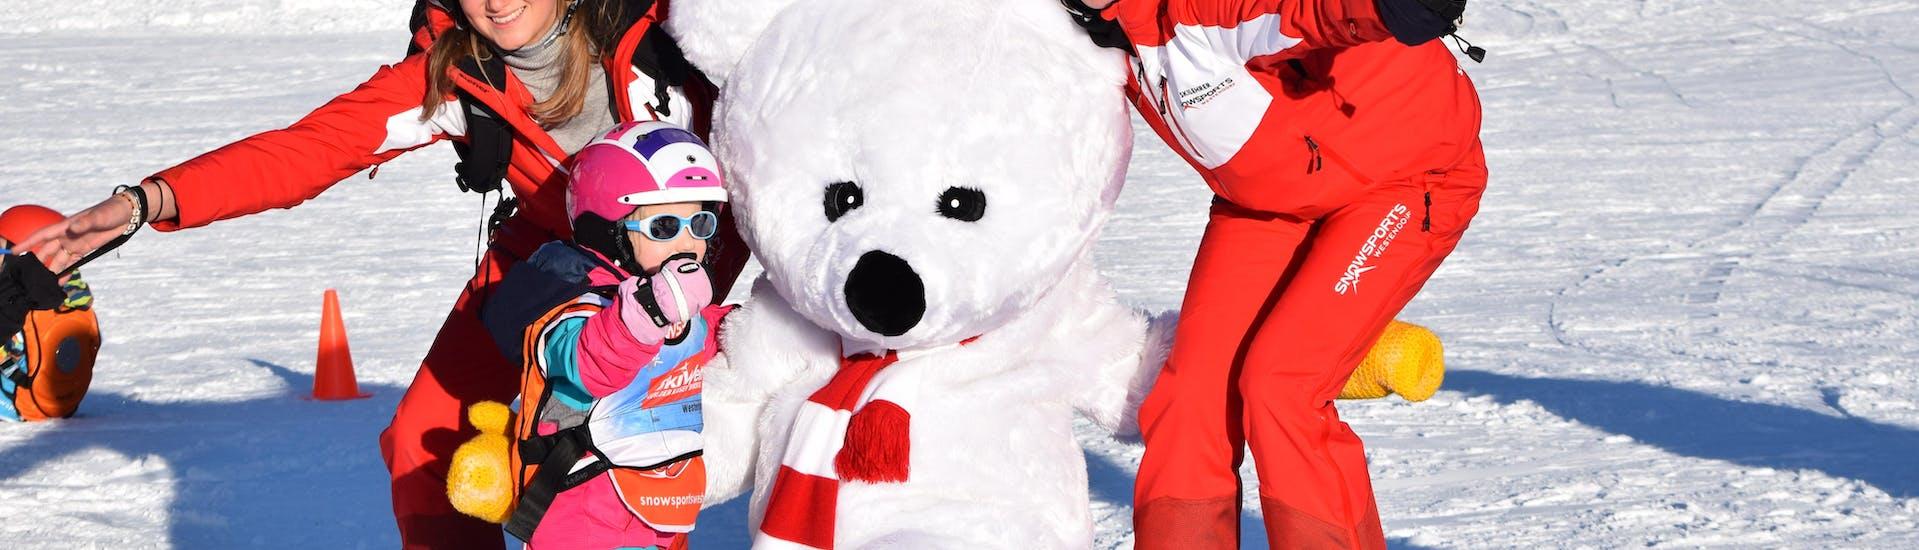 Cours de ski pour Enfants dès 5 ans pour Débutants